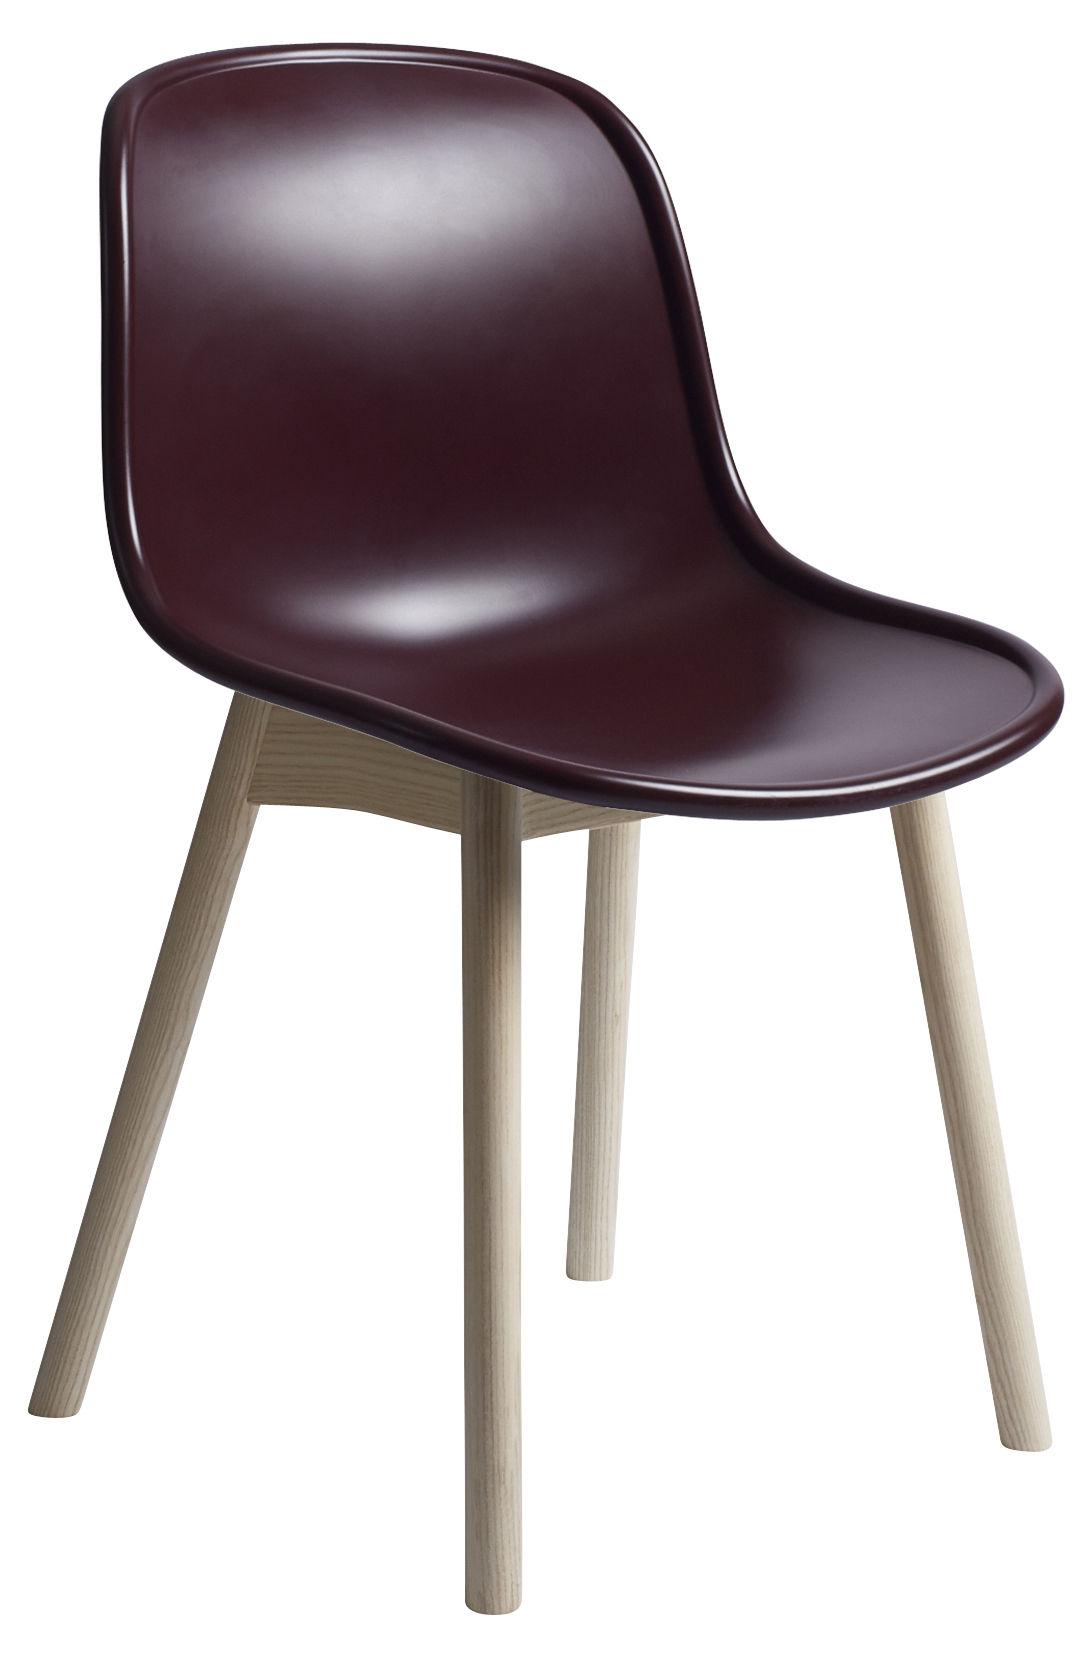 chaise neu plastique pieds bois rouge pieds bois hay. Black Bedroom Furniture Sets. Home Design Ideas